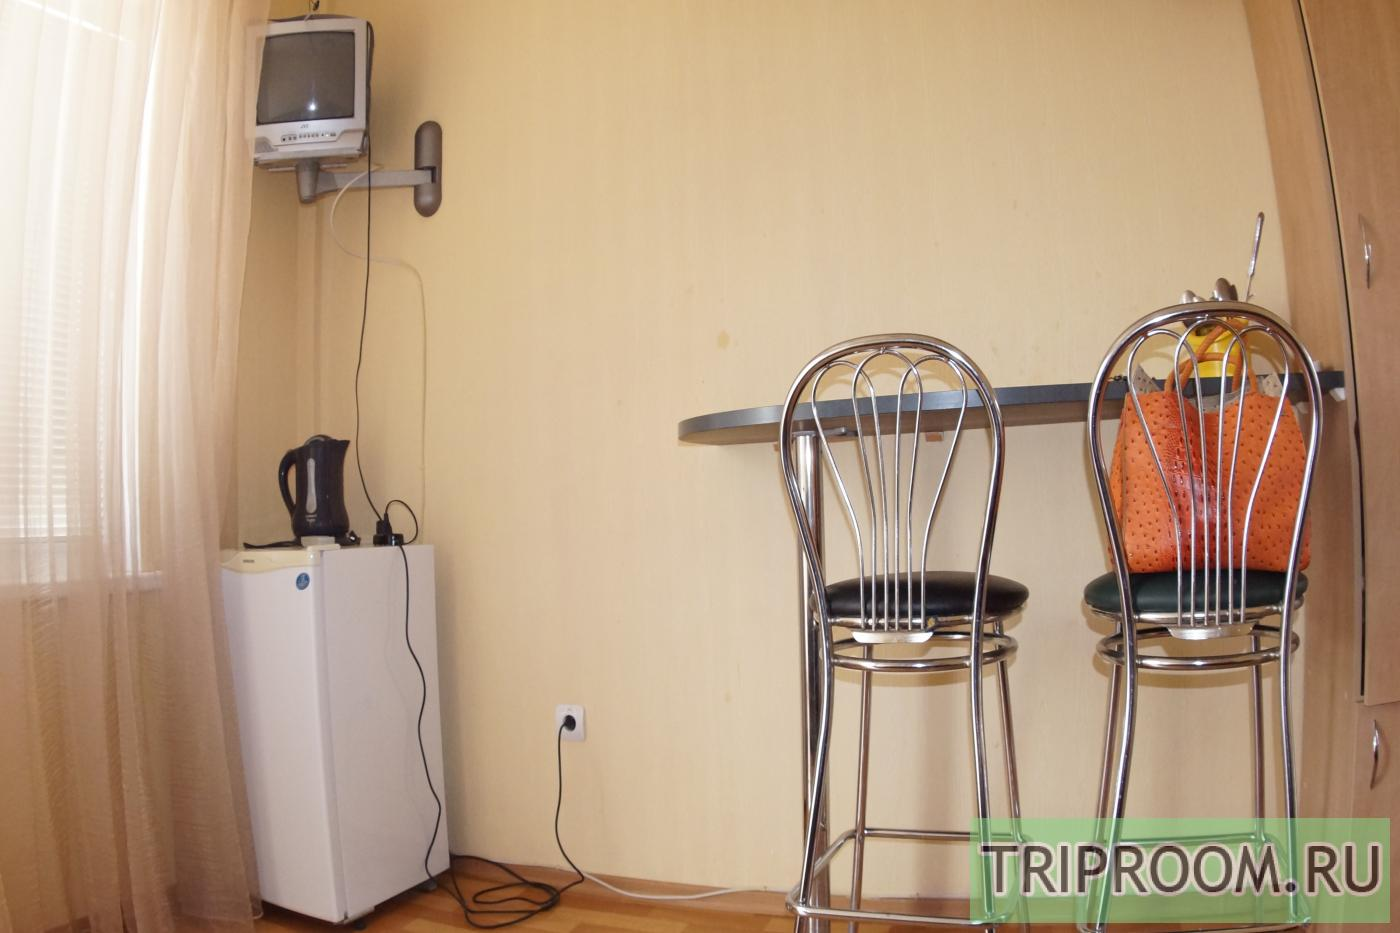 1-комнатная квартира посуточно (вариант № 8882), ул. Южногородская набережная, фото № 3